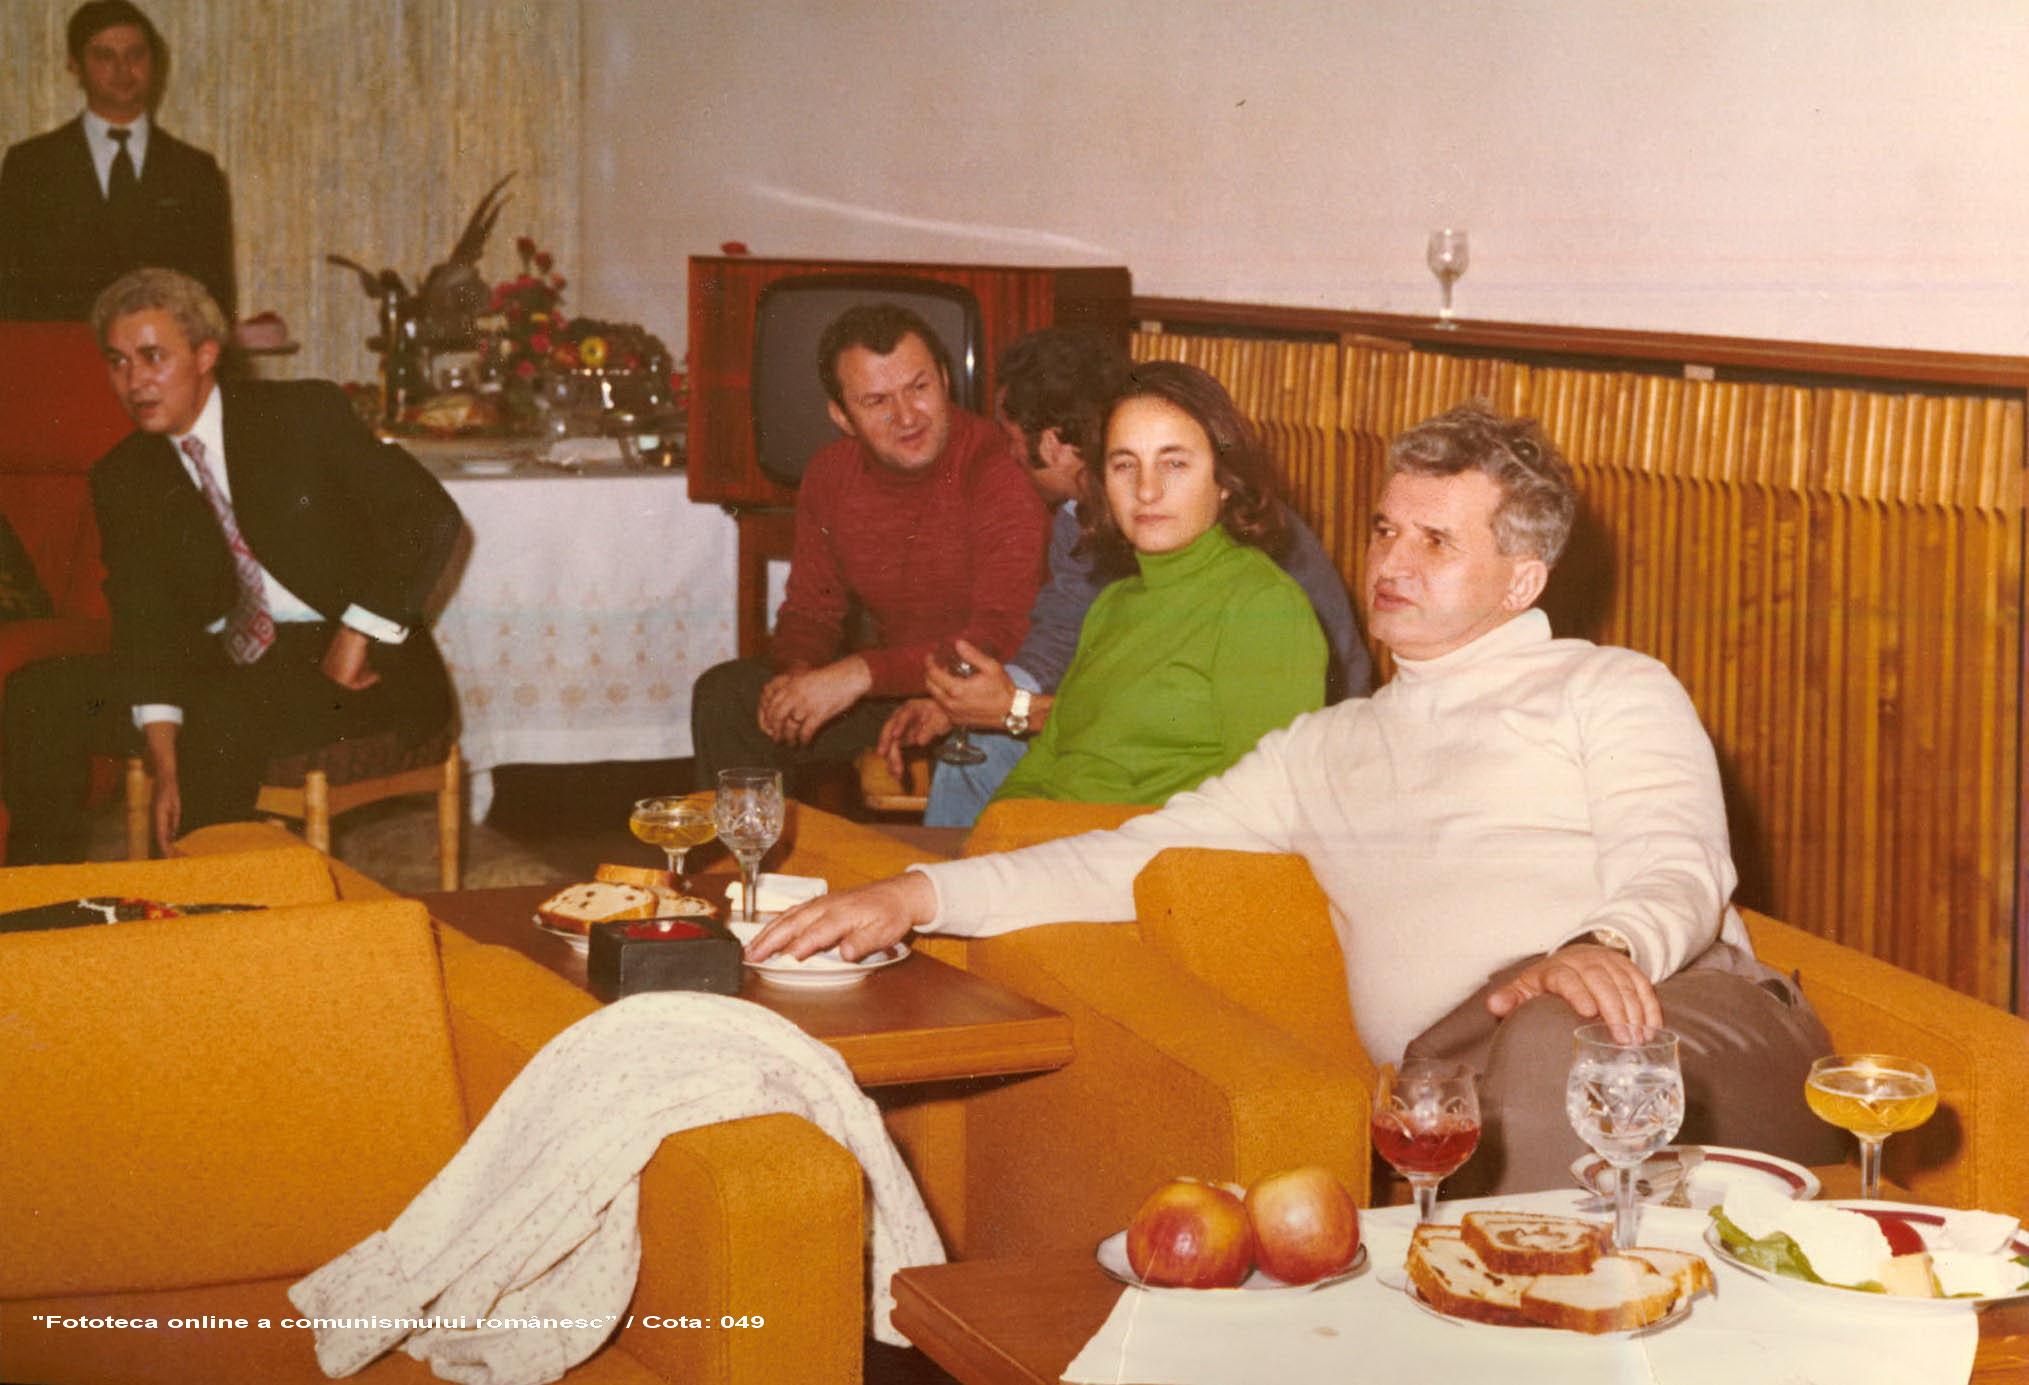 Cuplul Ceausescu, dat ca exemplu negativ de un cleric musulman.